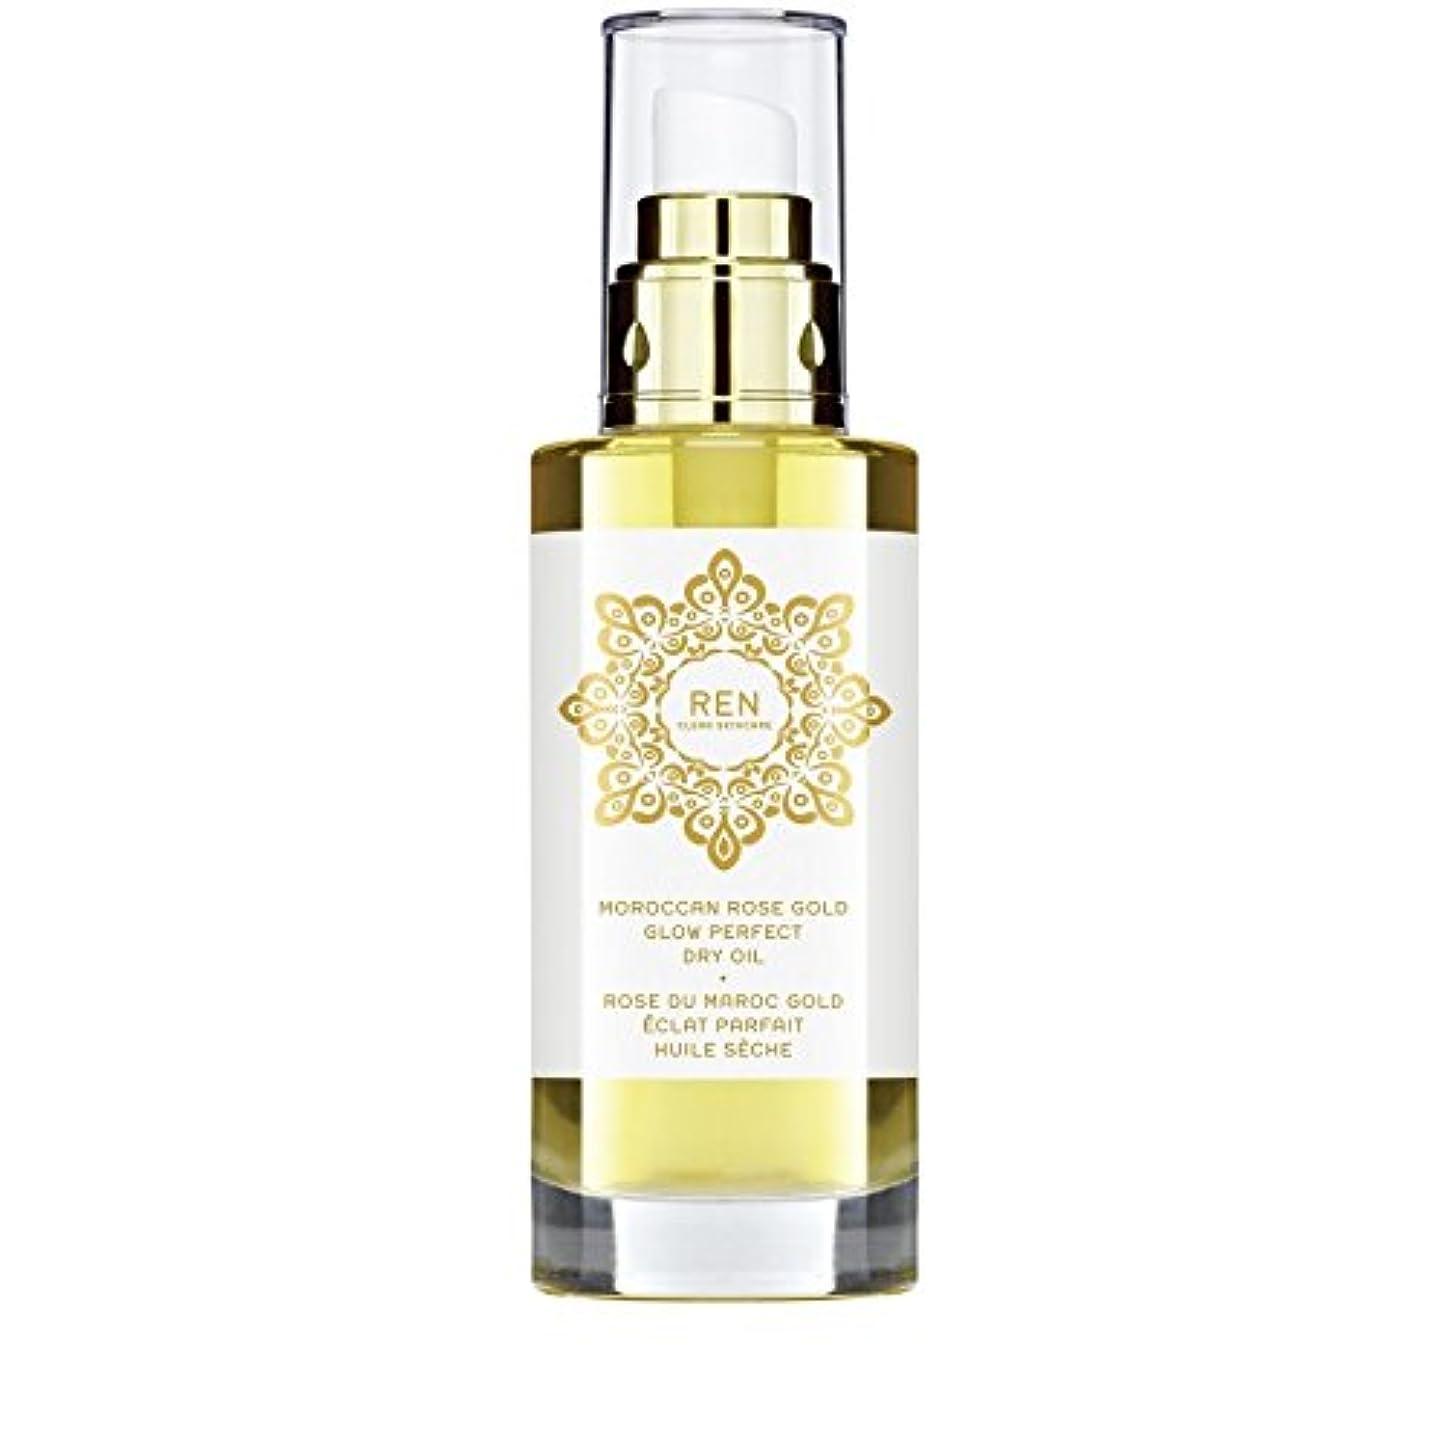 閲覧するキャリッジ選ぶREN Moroccan Rose Gold Glow Perfect Dry Oil 100ml (Pack of 6) - モロッコは金が完璧なドライオイル100ミリリットルグローバラ x6 [並行輸入品]